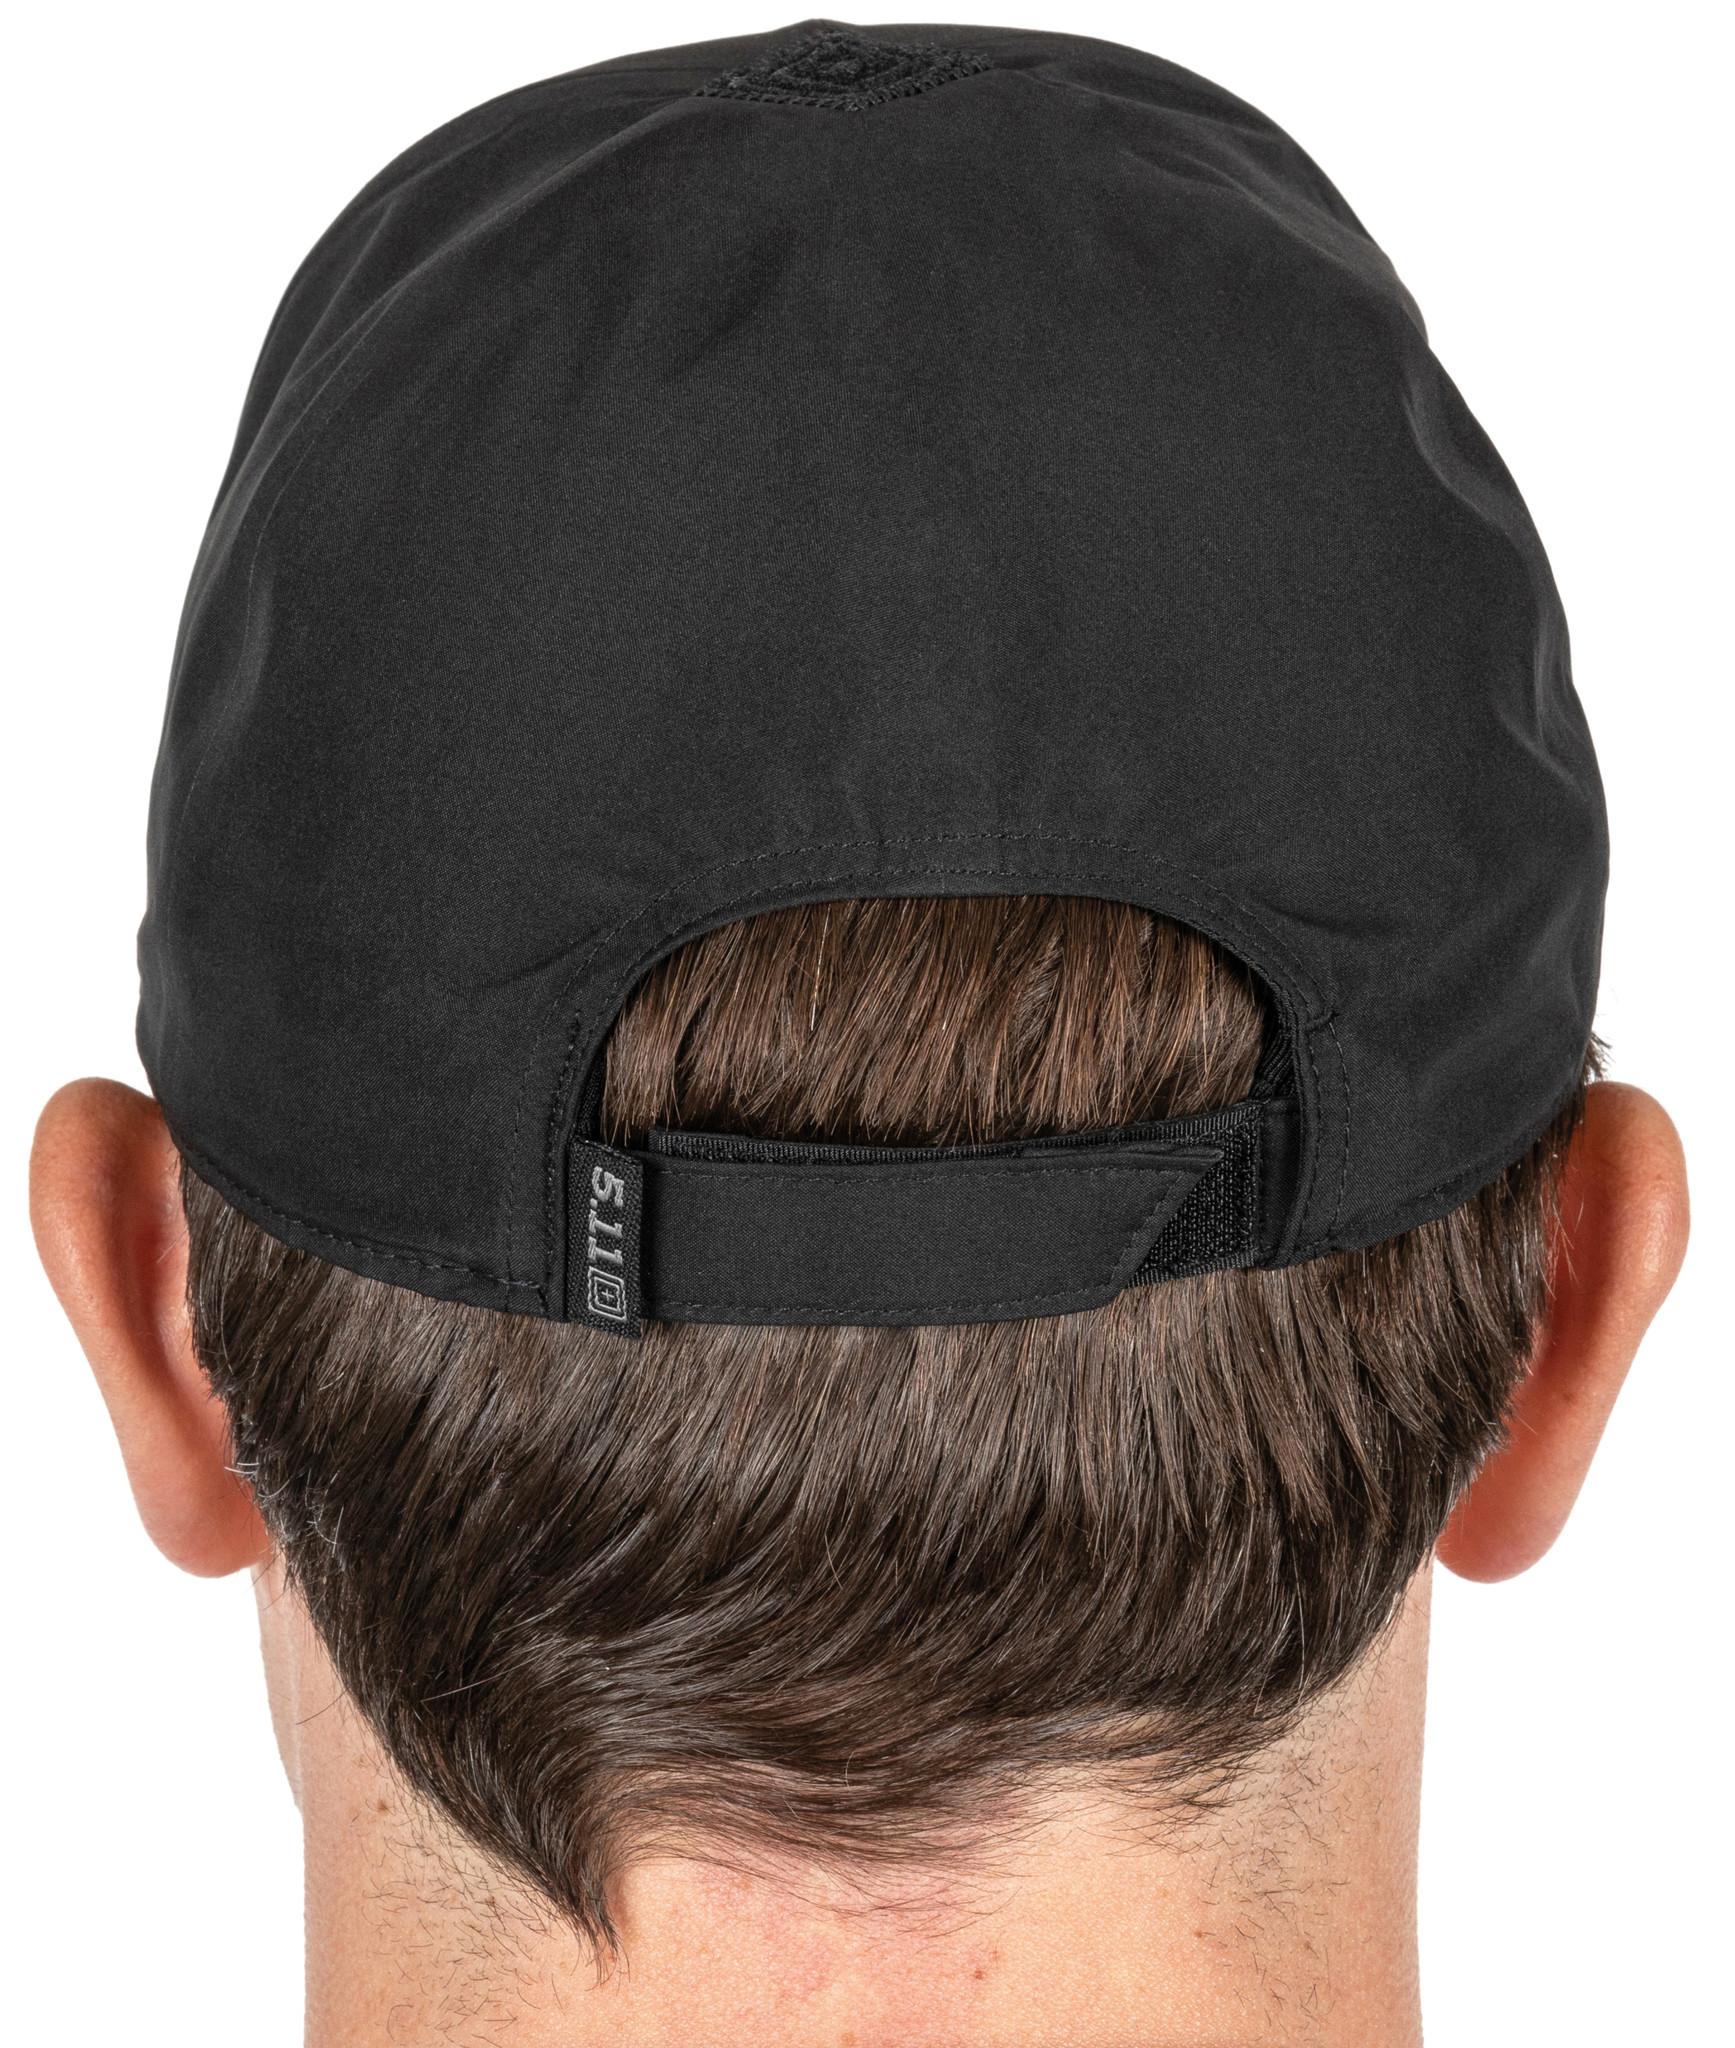 5.11-Tactical TACTICAL DUTY RAIN BASE CAP